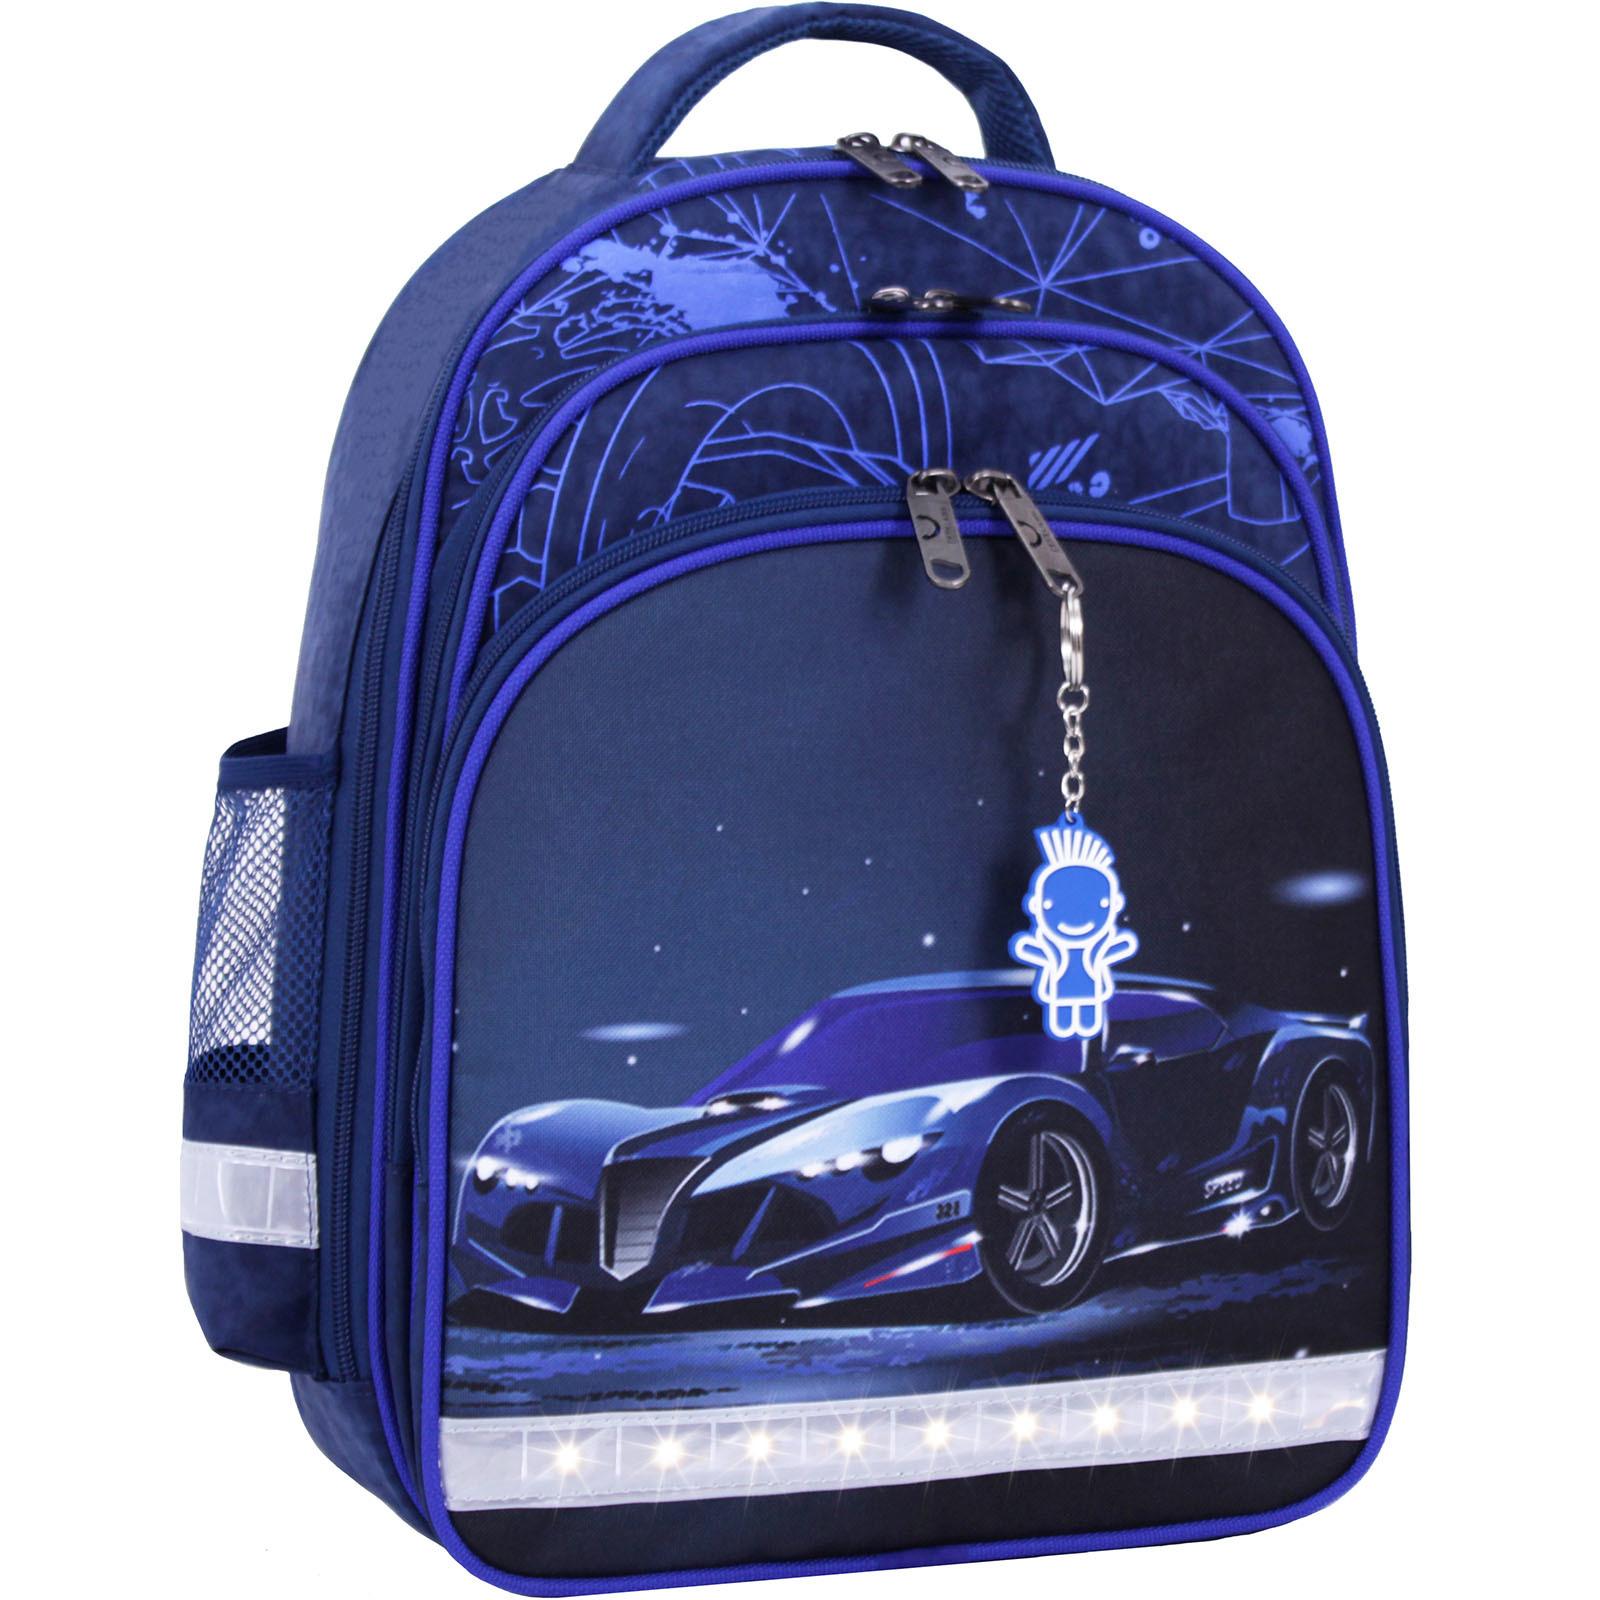 Рюкзак школьный Bagland Mouse 225 синий 248к (0051370) фото 1